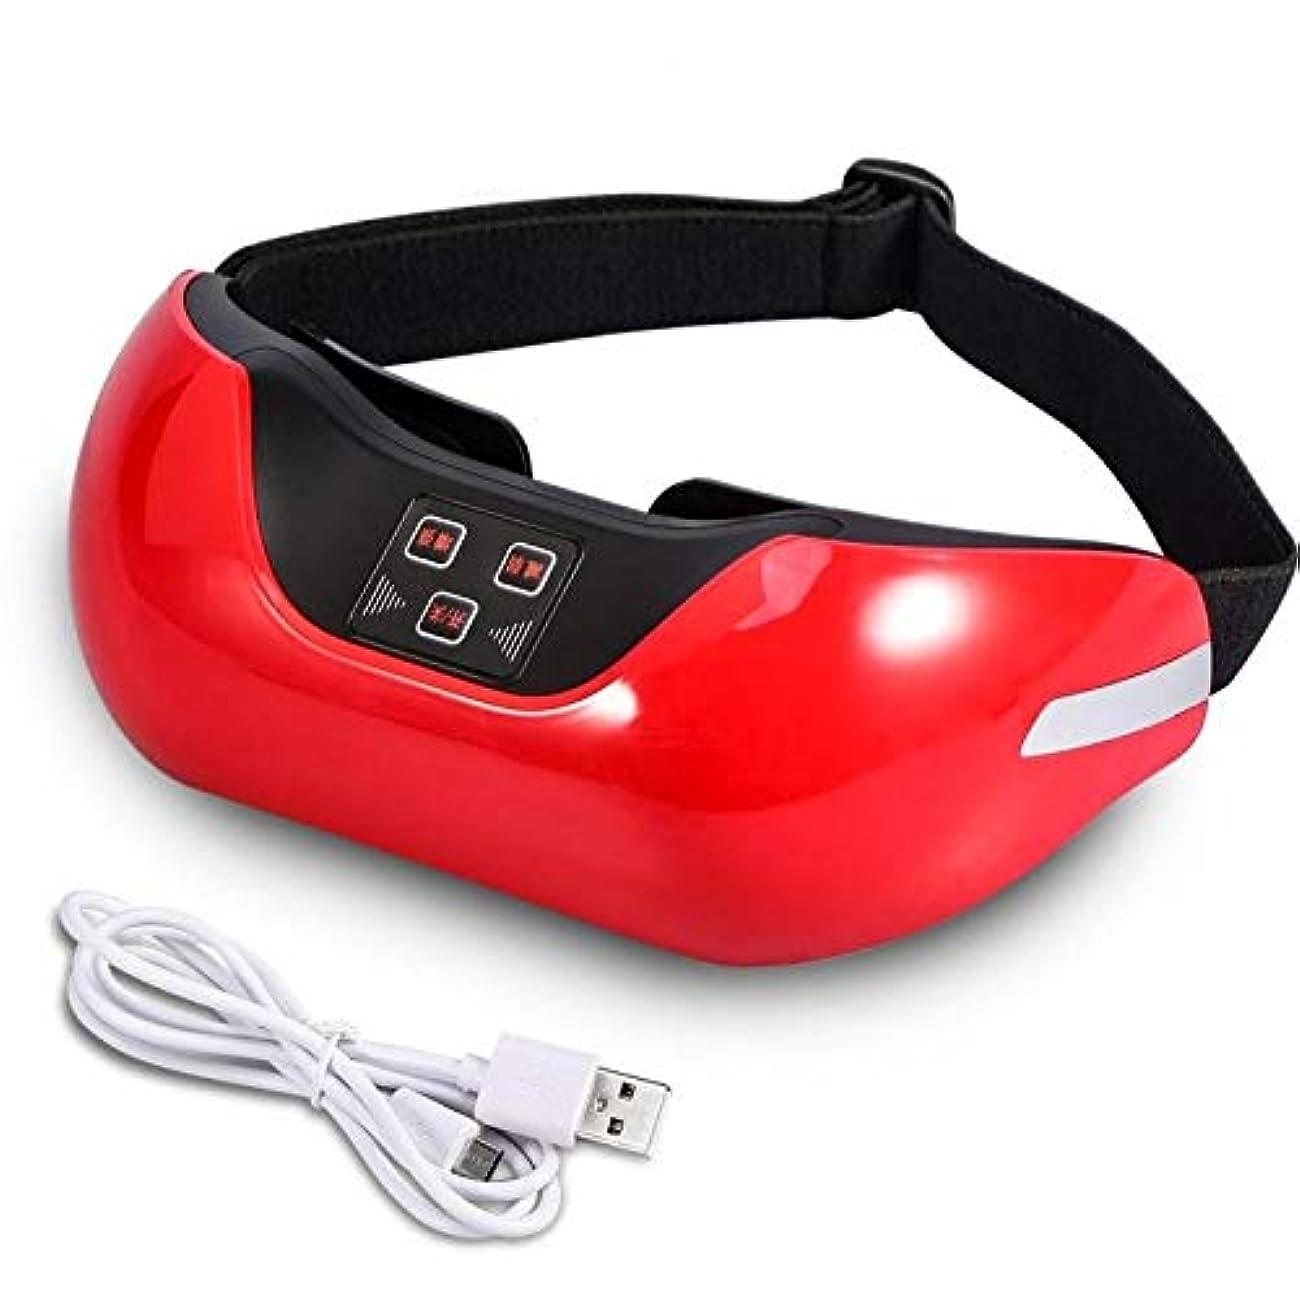 前投薬怖い病気だと思うRuzzy 緑色光アイマッサージャー付き3D充電式マッサージャー 購入へようこそ (Color : Red)